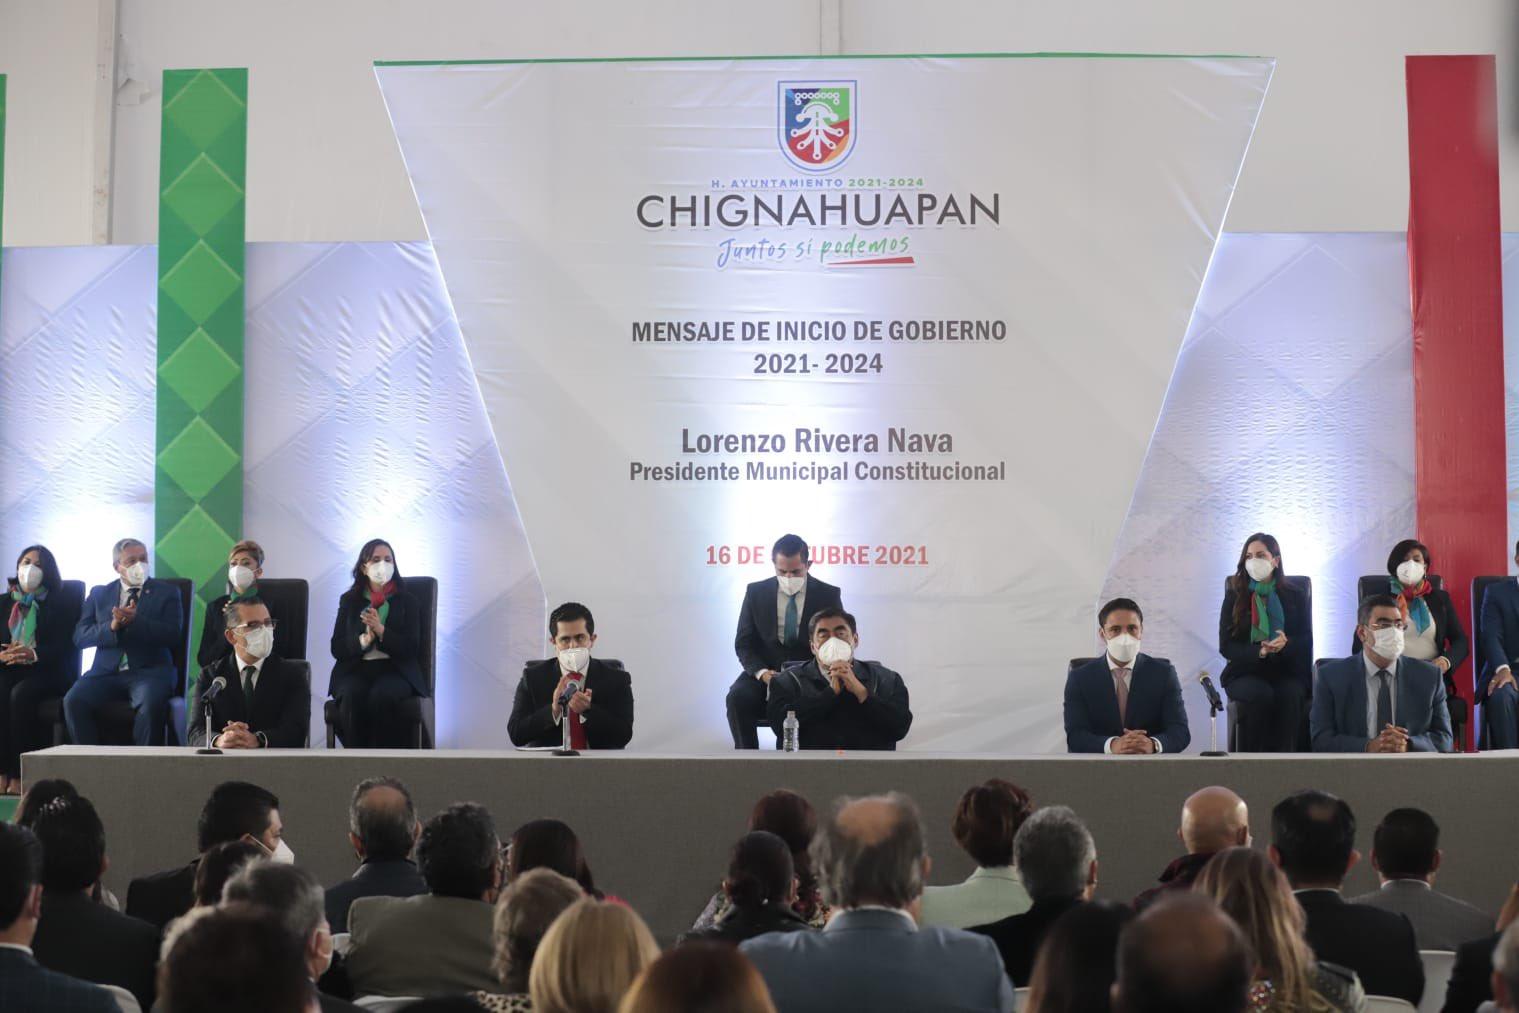 Pide Miguel Barbosa durante la toma de protesta de Lorenzo Rivera, se revise administración pasada de Chignahuapan